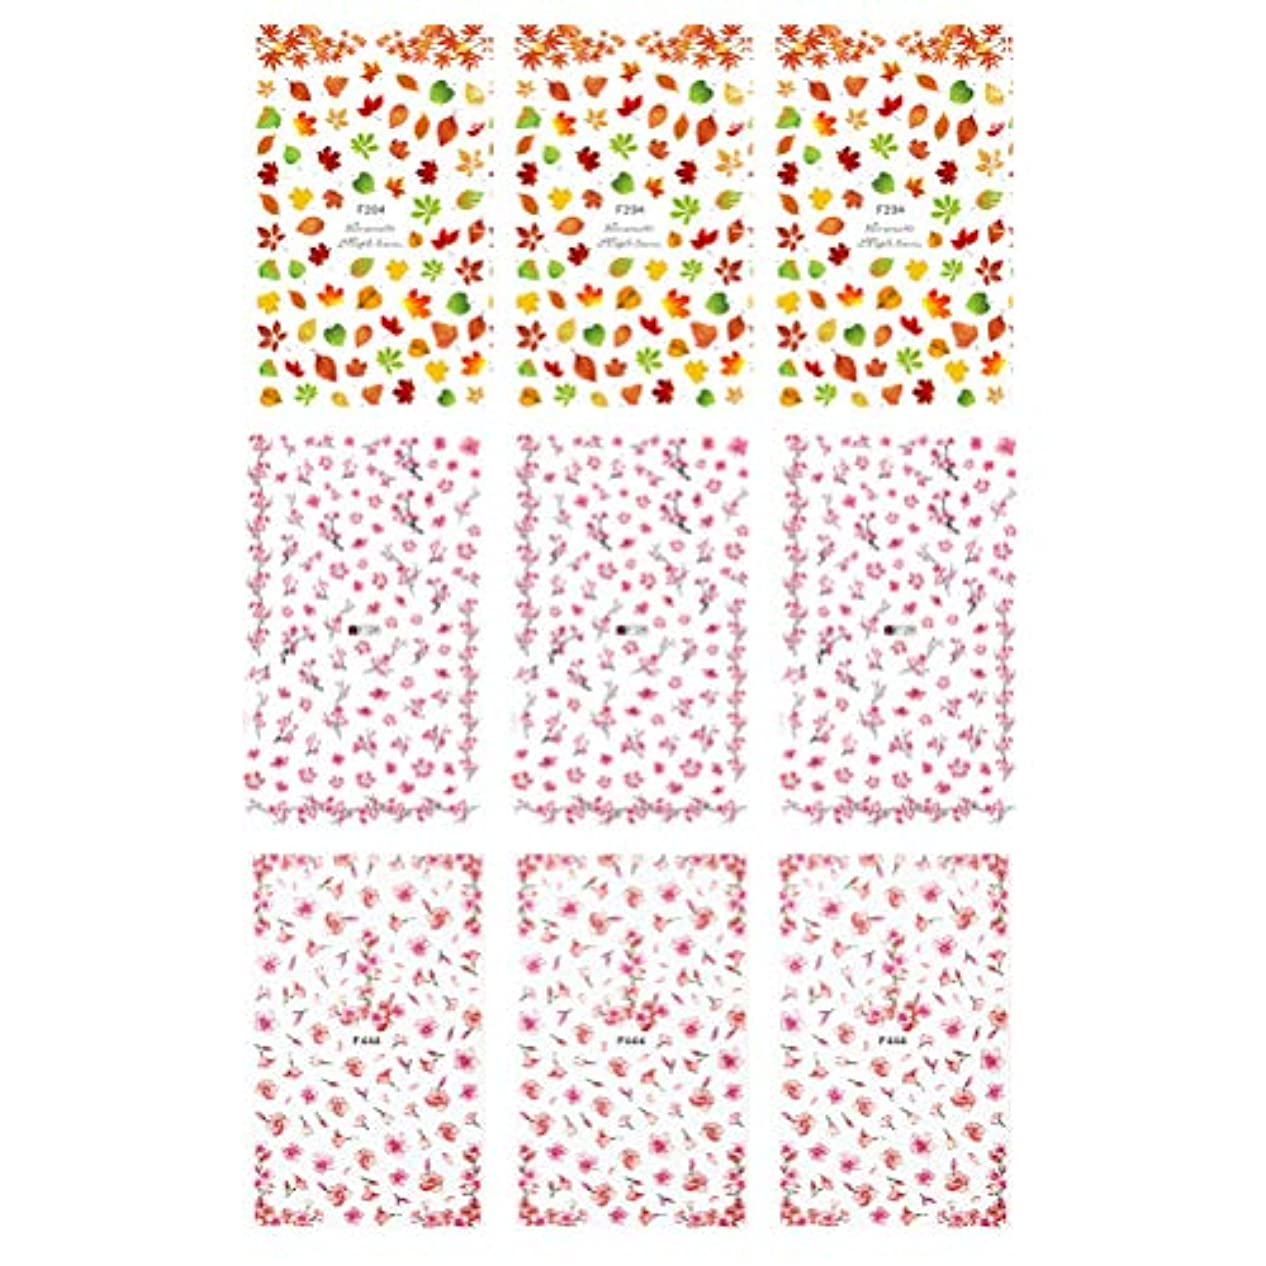 オズワルドジェスチャー高潔なFrcolor ネイルシール 花 3D ネイルステッカー 水彩風 ネイルホイル ももの花 桜 ネイルアートシール 爪に貼るだけ マニキュア 3種類 9枚セット